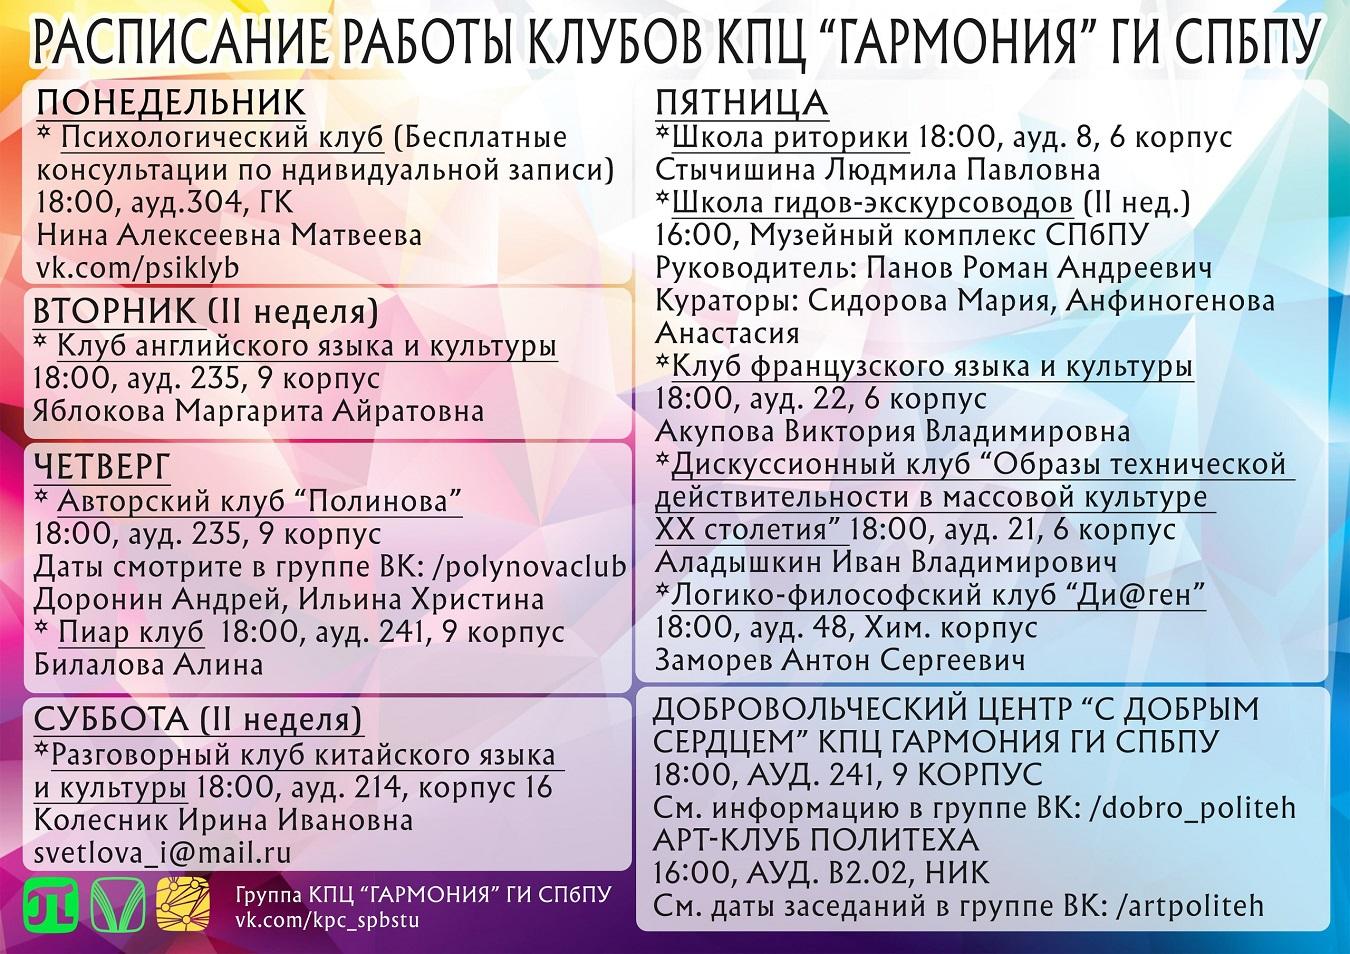 Расписание работы клубов Культурно-просветительского центра